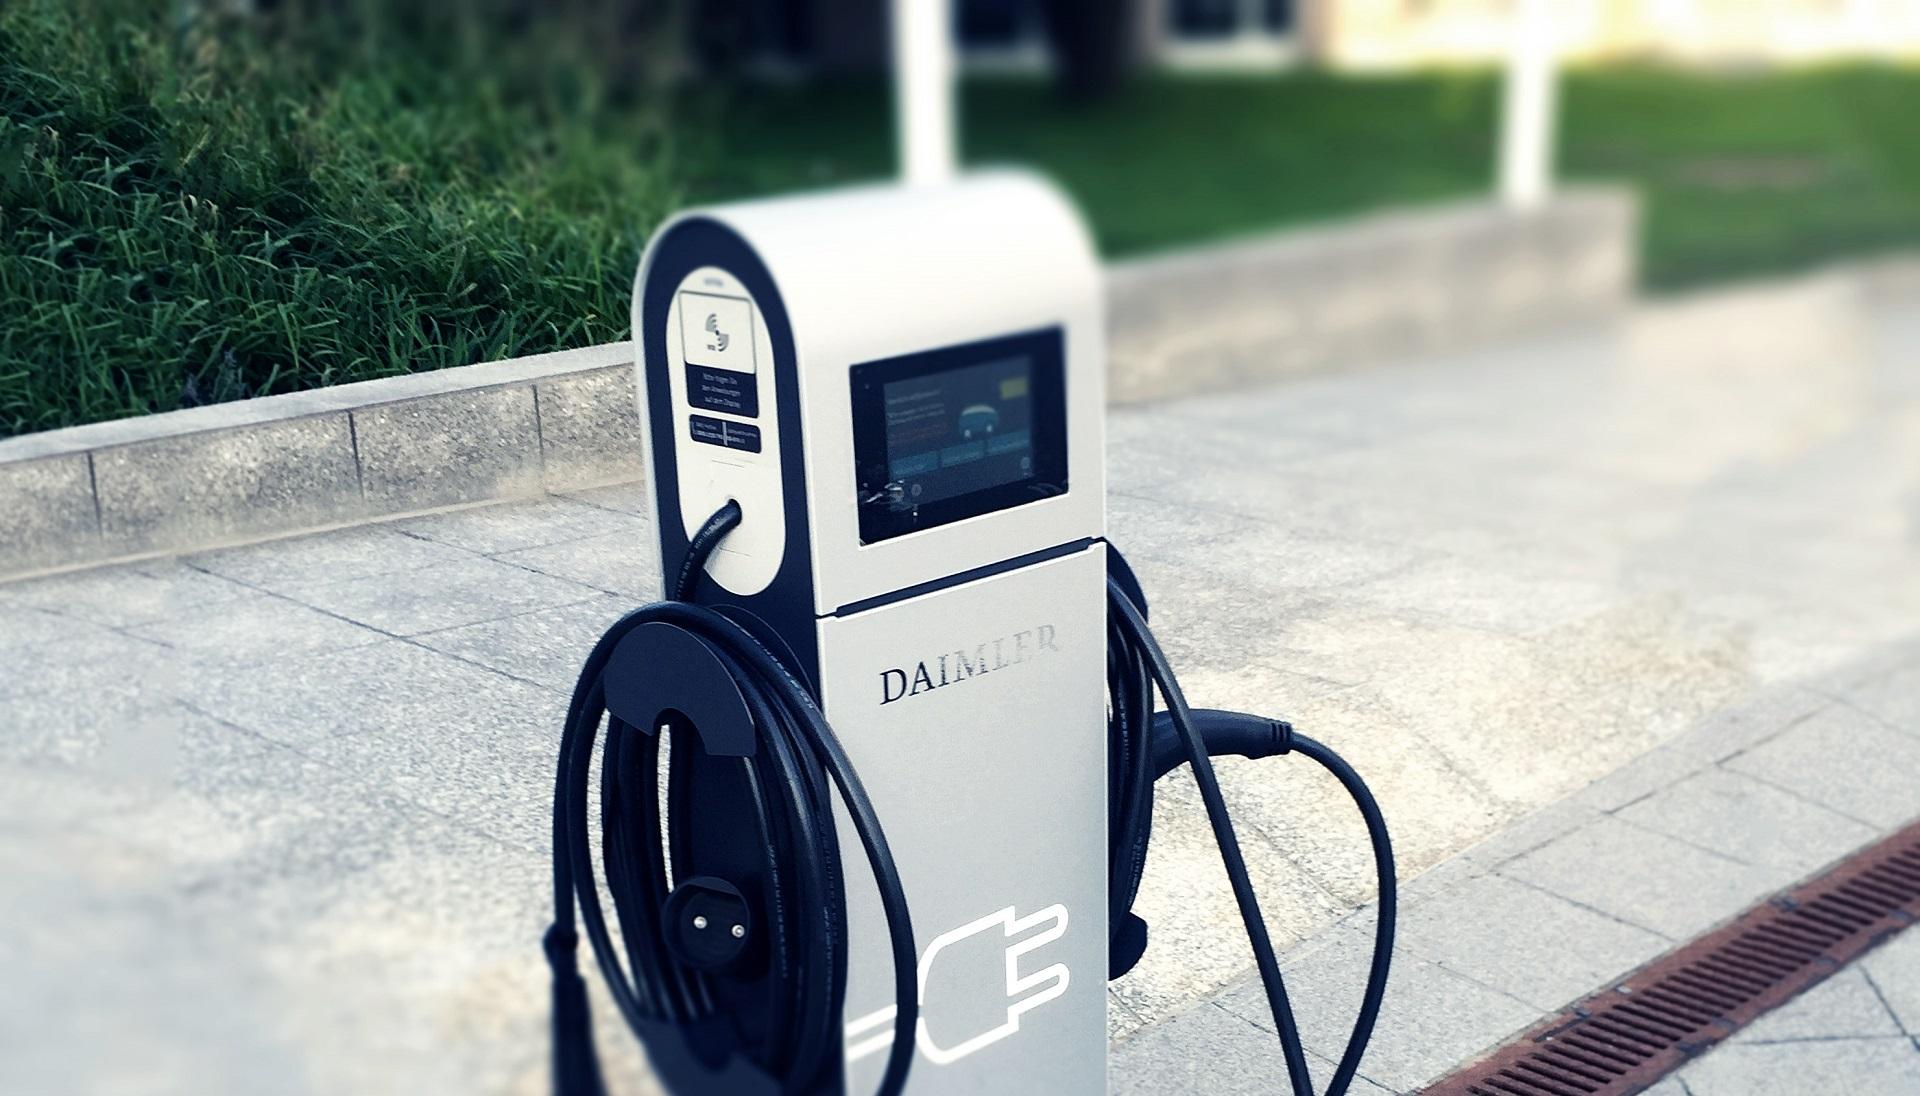 Daimler para el desarrollo de motores de combustión en favor de los eléctricos